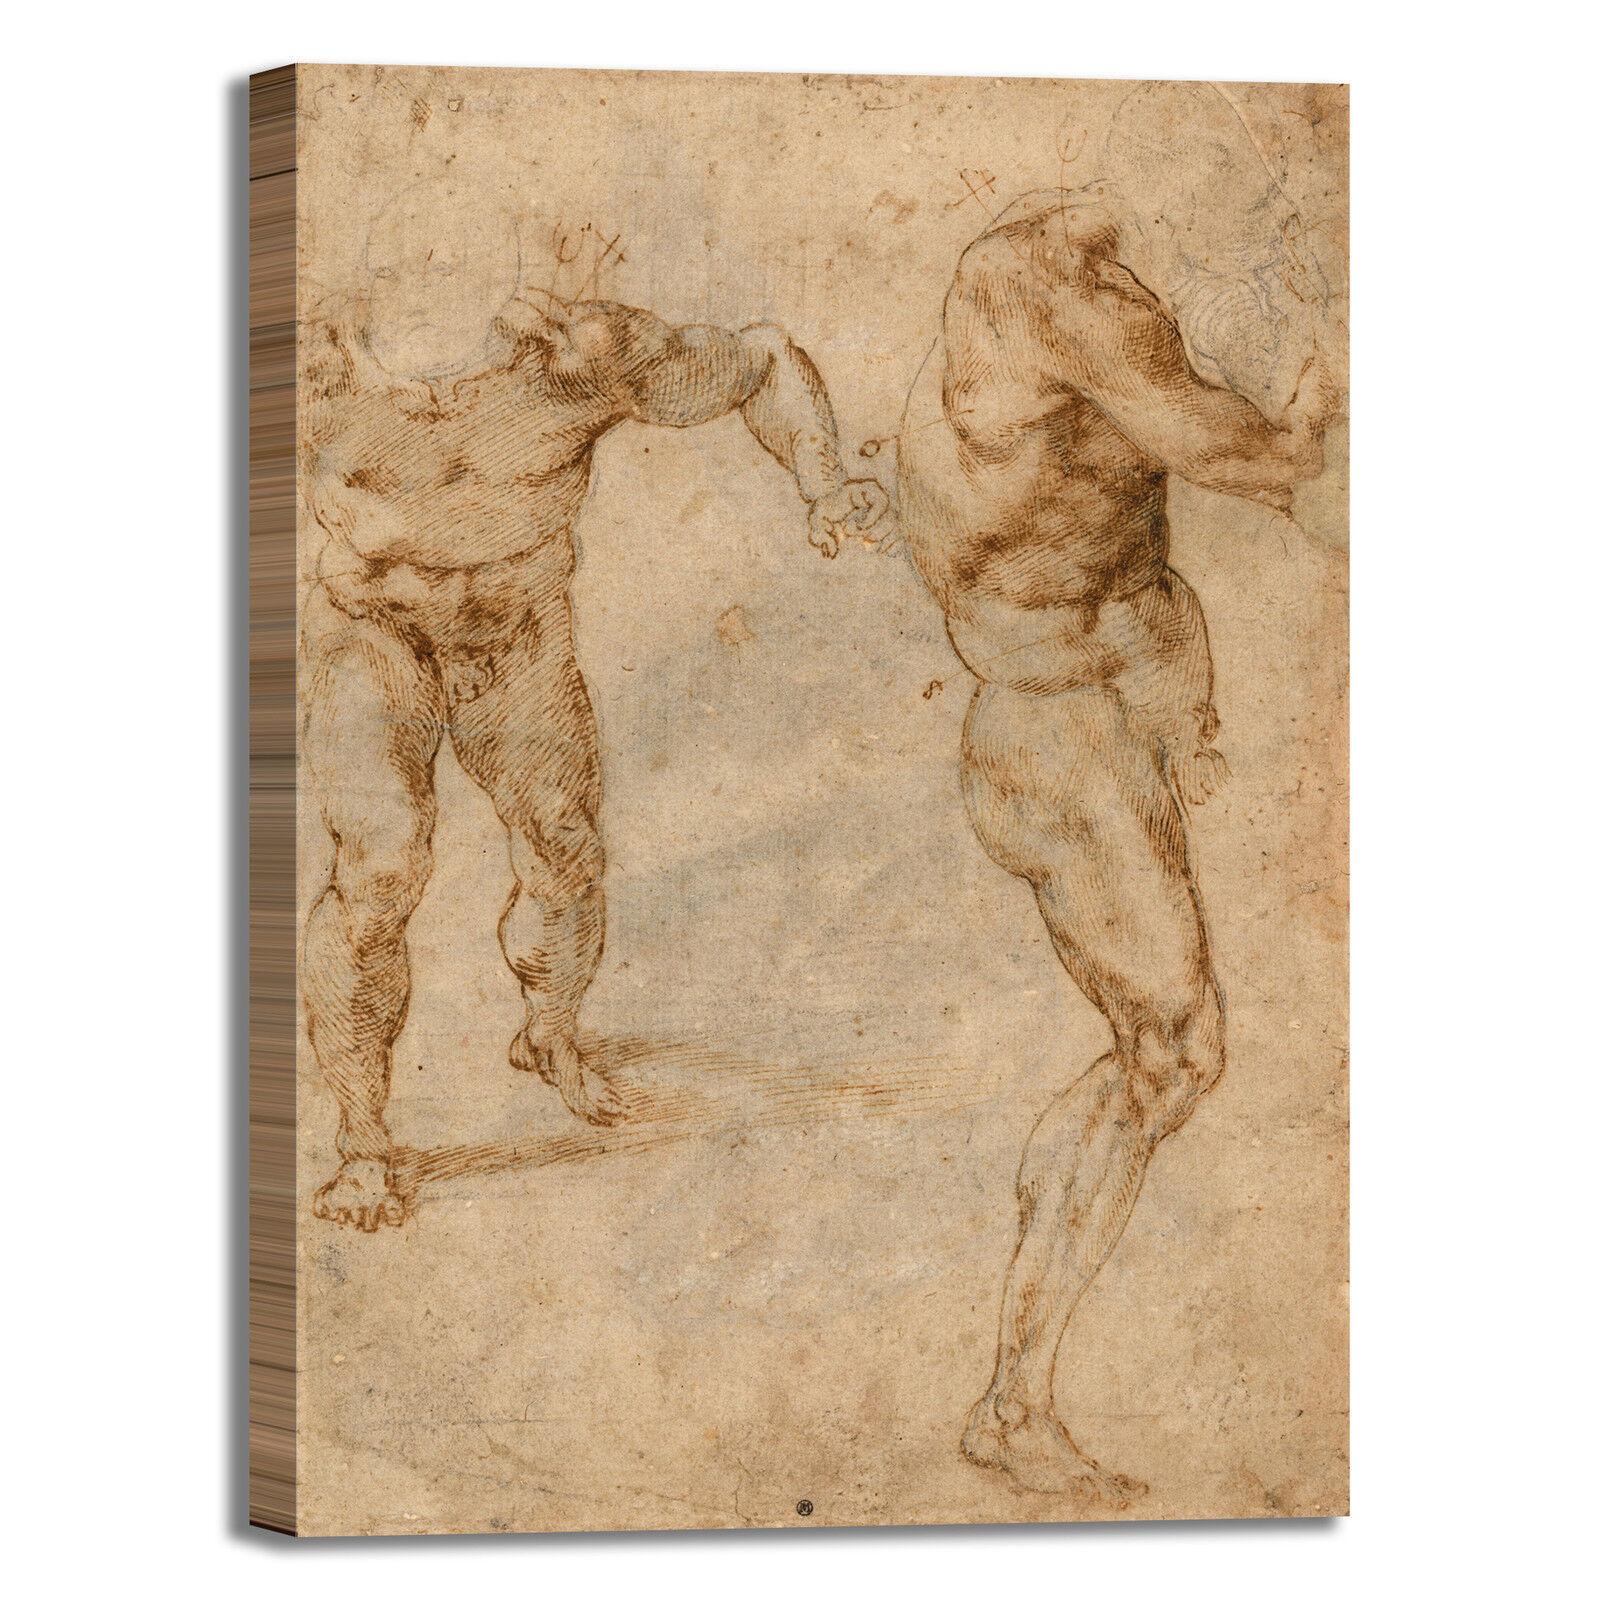 Michelangelo studi di nudo design quadro stampa tela dipinto telaio arroto casa